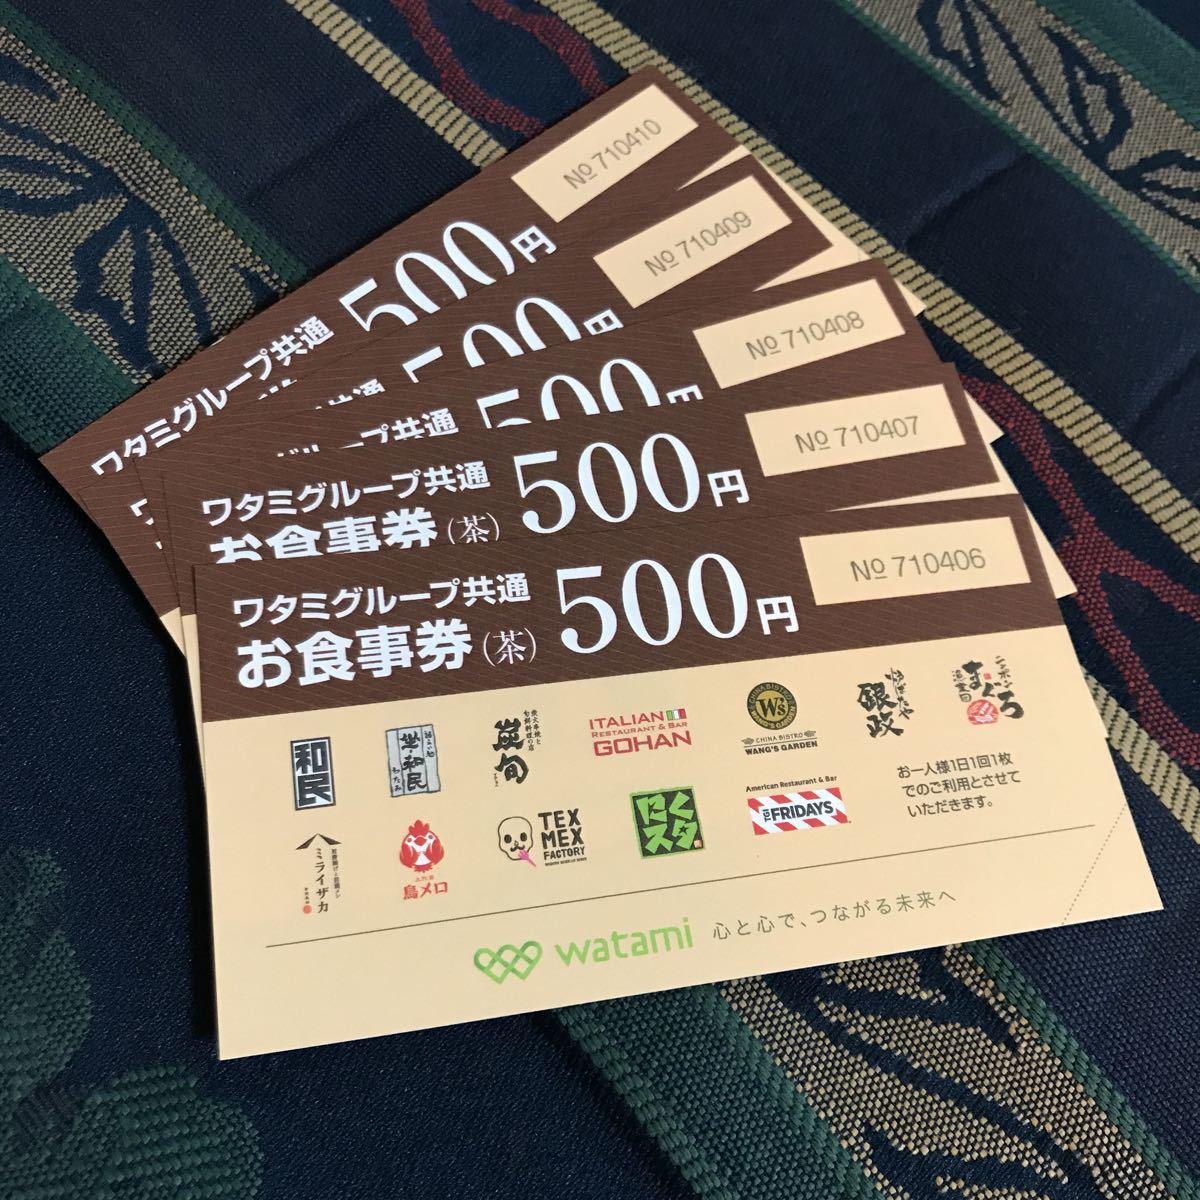 送料無料 ワタミグループ共通お食事券(茶) 500円×5枚 2500円分